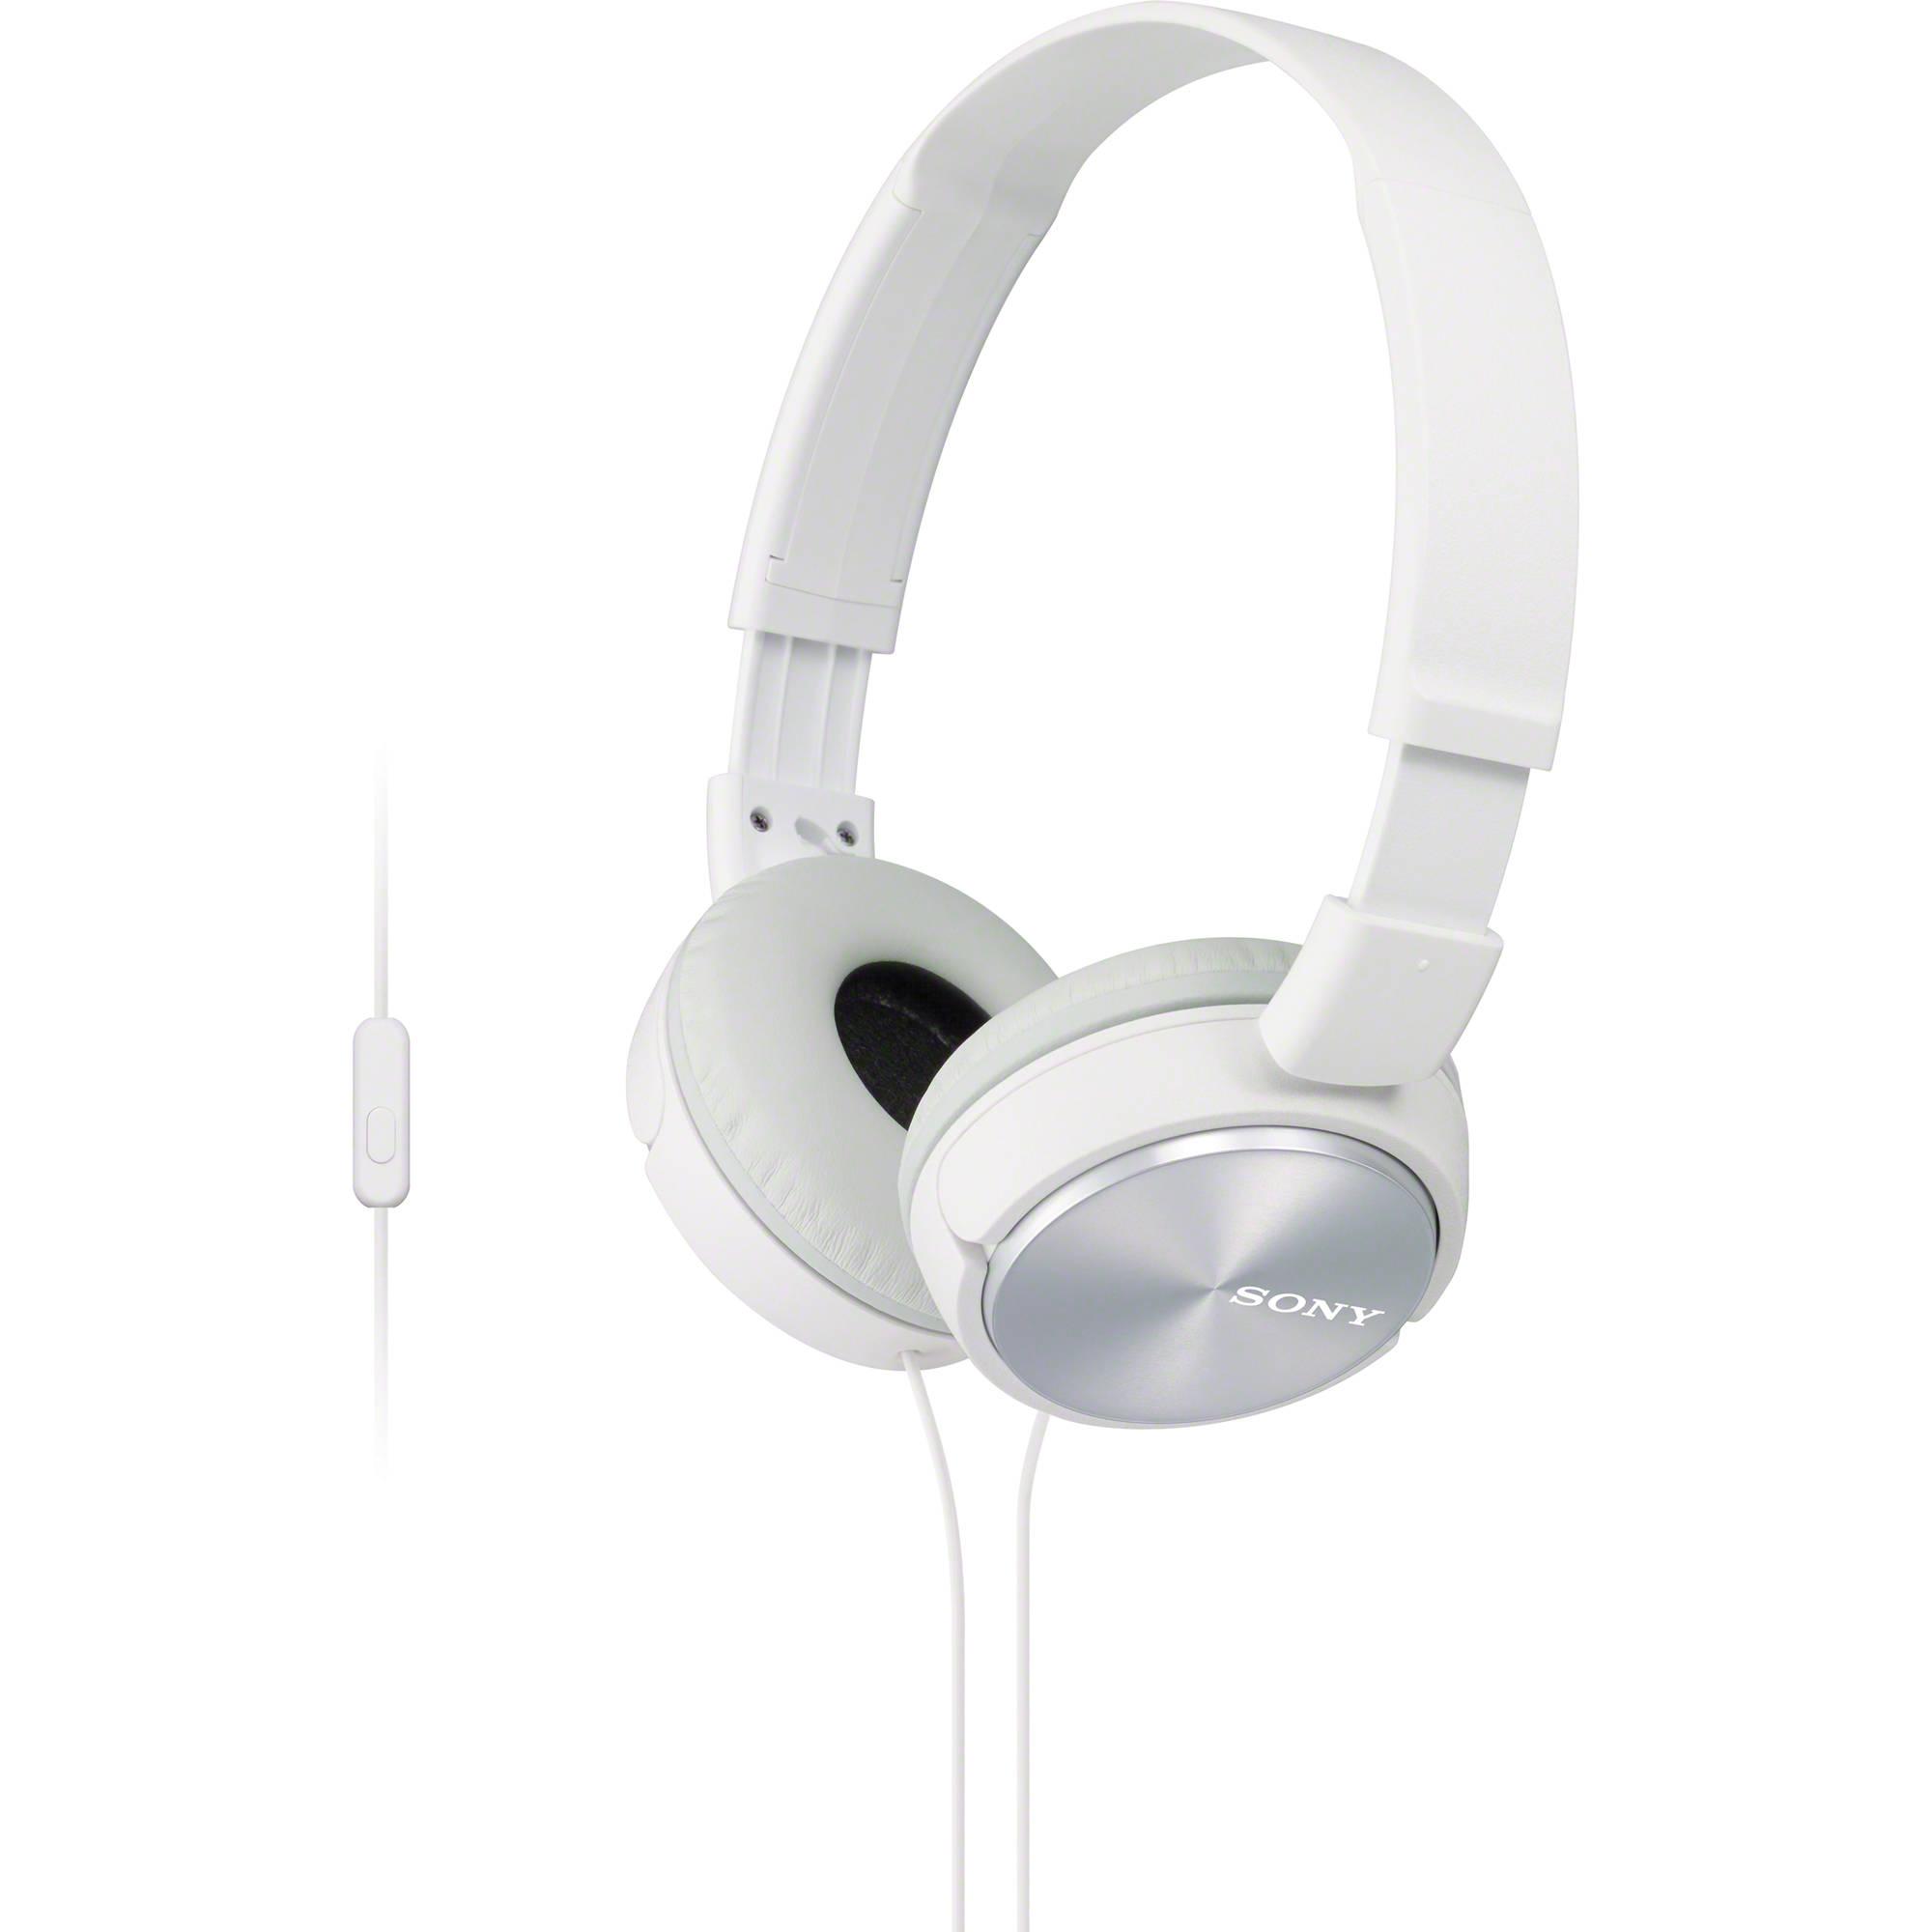 Гарнитура Sony MDR-ZX310AP WhiteНаушники и гарнитуры<br>Sony MDR-ZX310AP White совмещает несовместимое.<br>Накладные наушники Sony MDR-ZX310AP White — это не только качественный фирменный звук Sony, но и удобная гарнитура. Так что, если вы раньше считали, что хорошая гарнитура, качественное звучание и доступная цена — вещи несовместимые, пришло самое время расстаться с этим заблуждением.<br>Встроенный в провод чувствительный микрофон, легкая складная конструкция, мягкие амбушюры, двустороннее подключение кабеля — у этой модели есть все для вашего комфорта. Причем, как для прослушивания музыки, так и для общения. Осталось...<br><br>Тип: гарнитура<br>Тип акустического оформления: Закрытые<br>Вид наушников: Накладные<br>Тип подключения: Проводные<br>Диапазон воспроизводимых частот, Гц: 10-24000<br>Сопротивление, Импеданс: 24 Ом<br>Чувствительность дБ: 98<br>Микрофон: есть